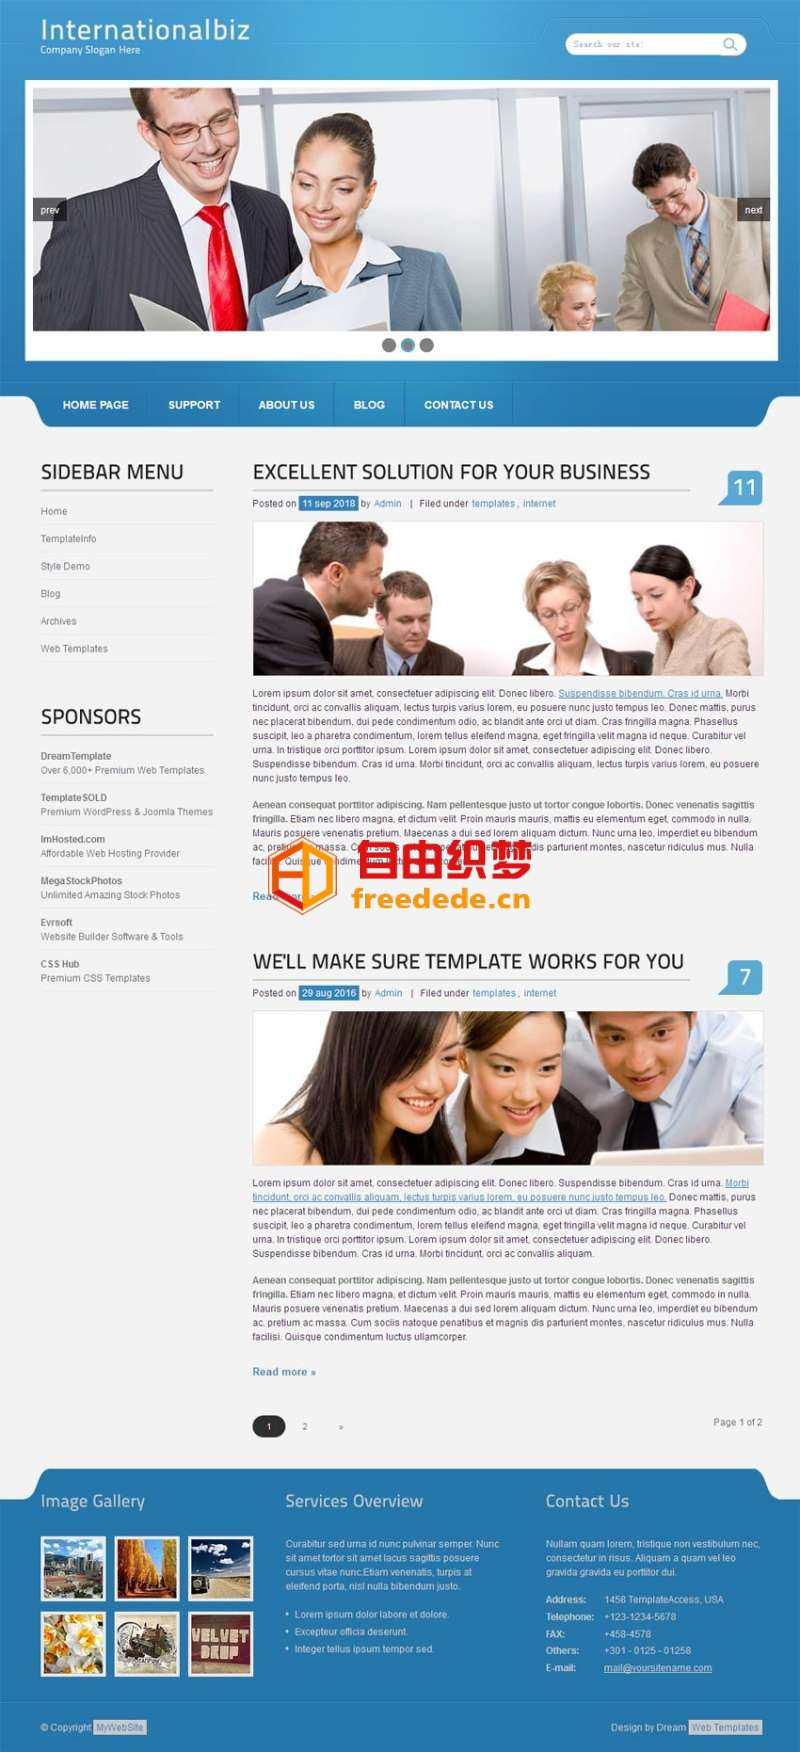 爱上源码网文章国外简单的企业商务型网站模板html全站下载的内容插图